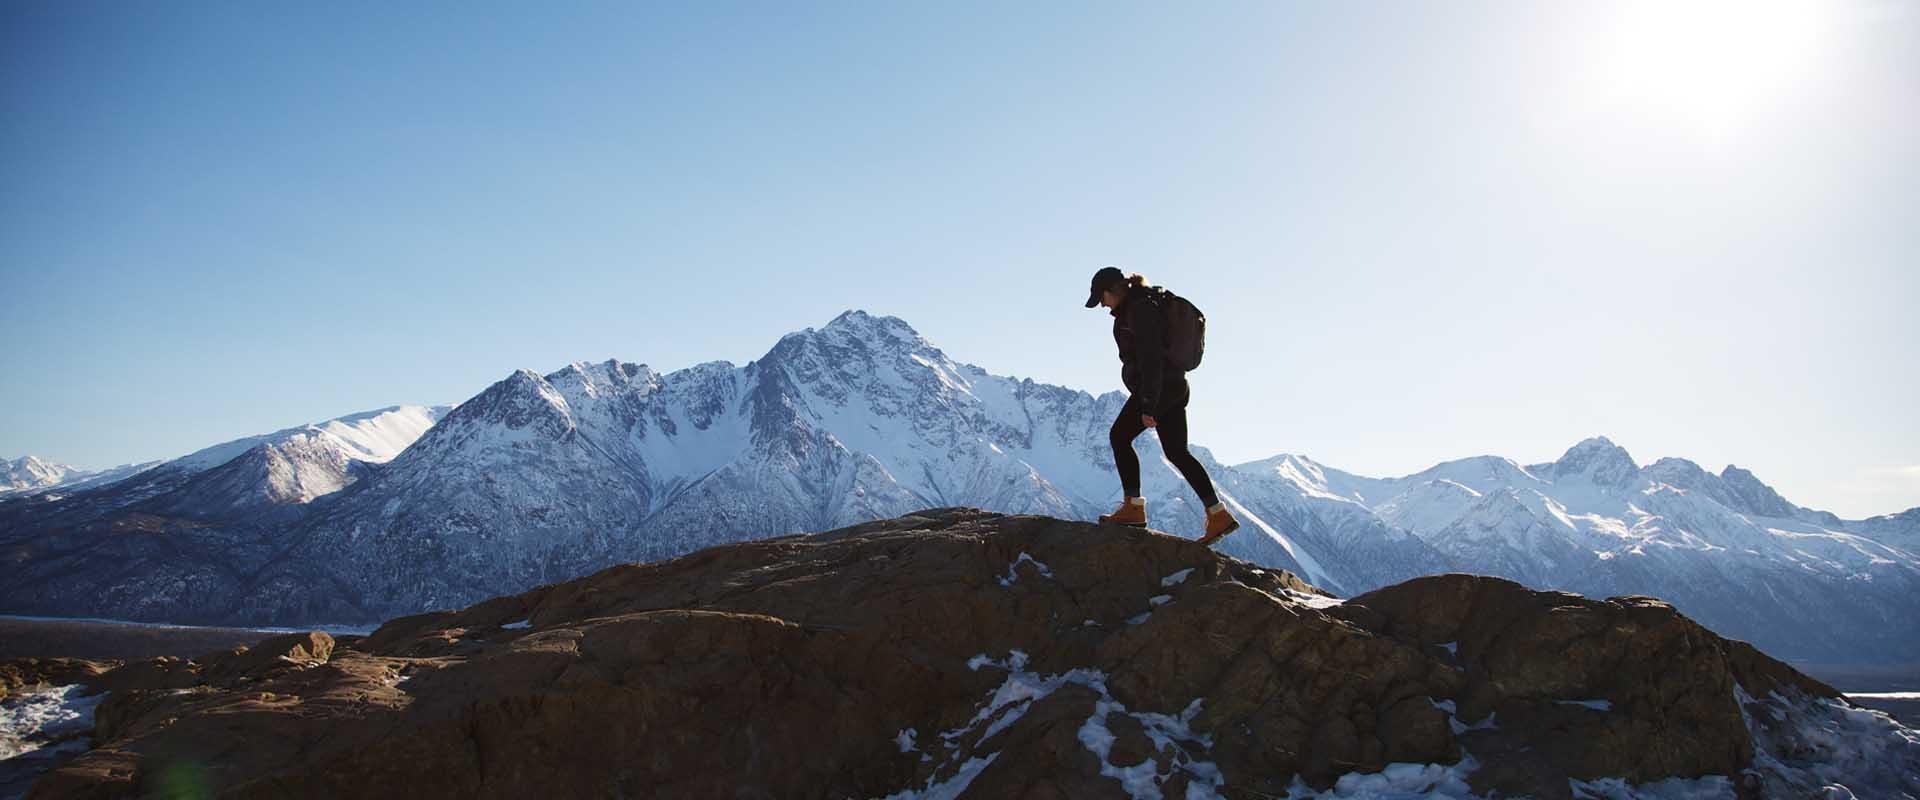 Programme explorateur et aventurier Mount Trail. Nous soutenons les expéditions ultralégers avec nos sacs de couchage, quilt, tente.